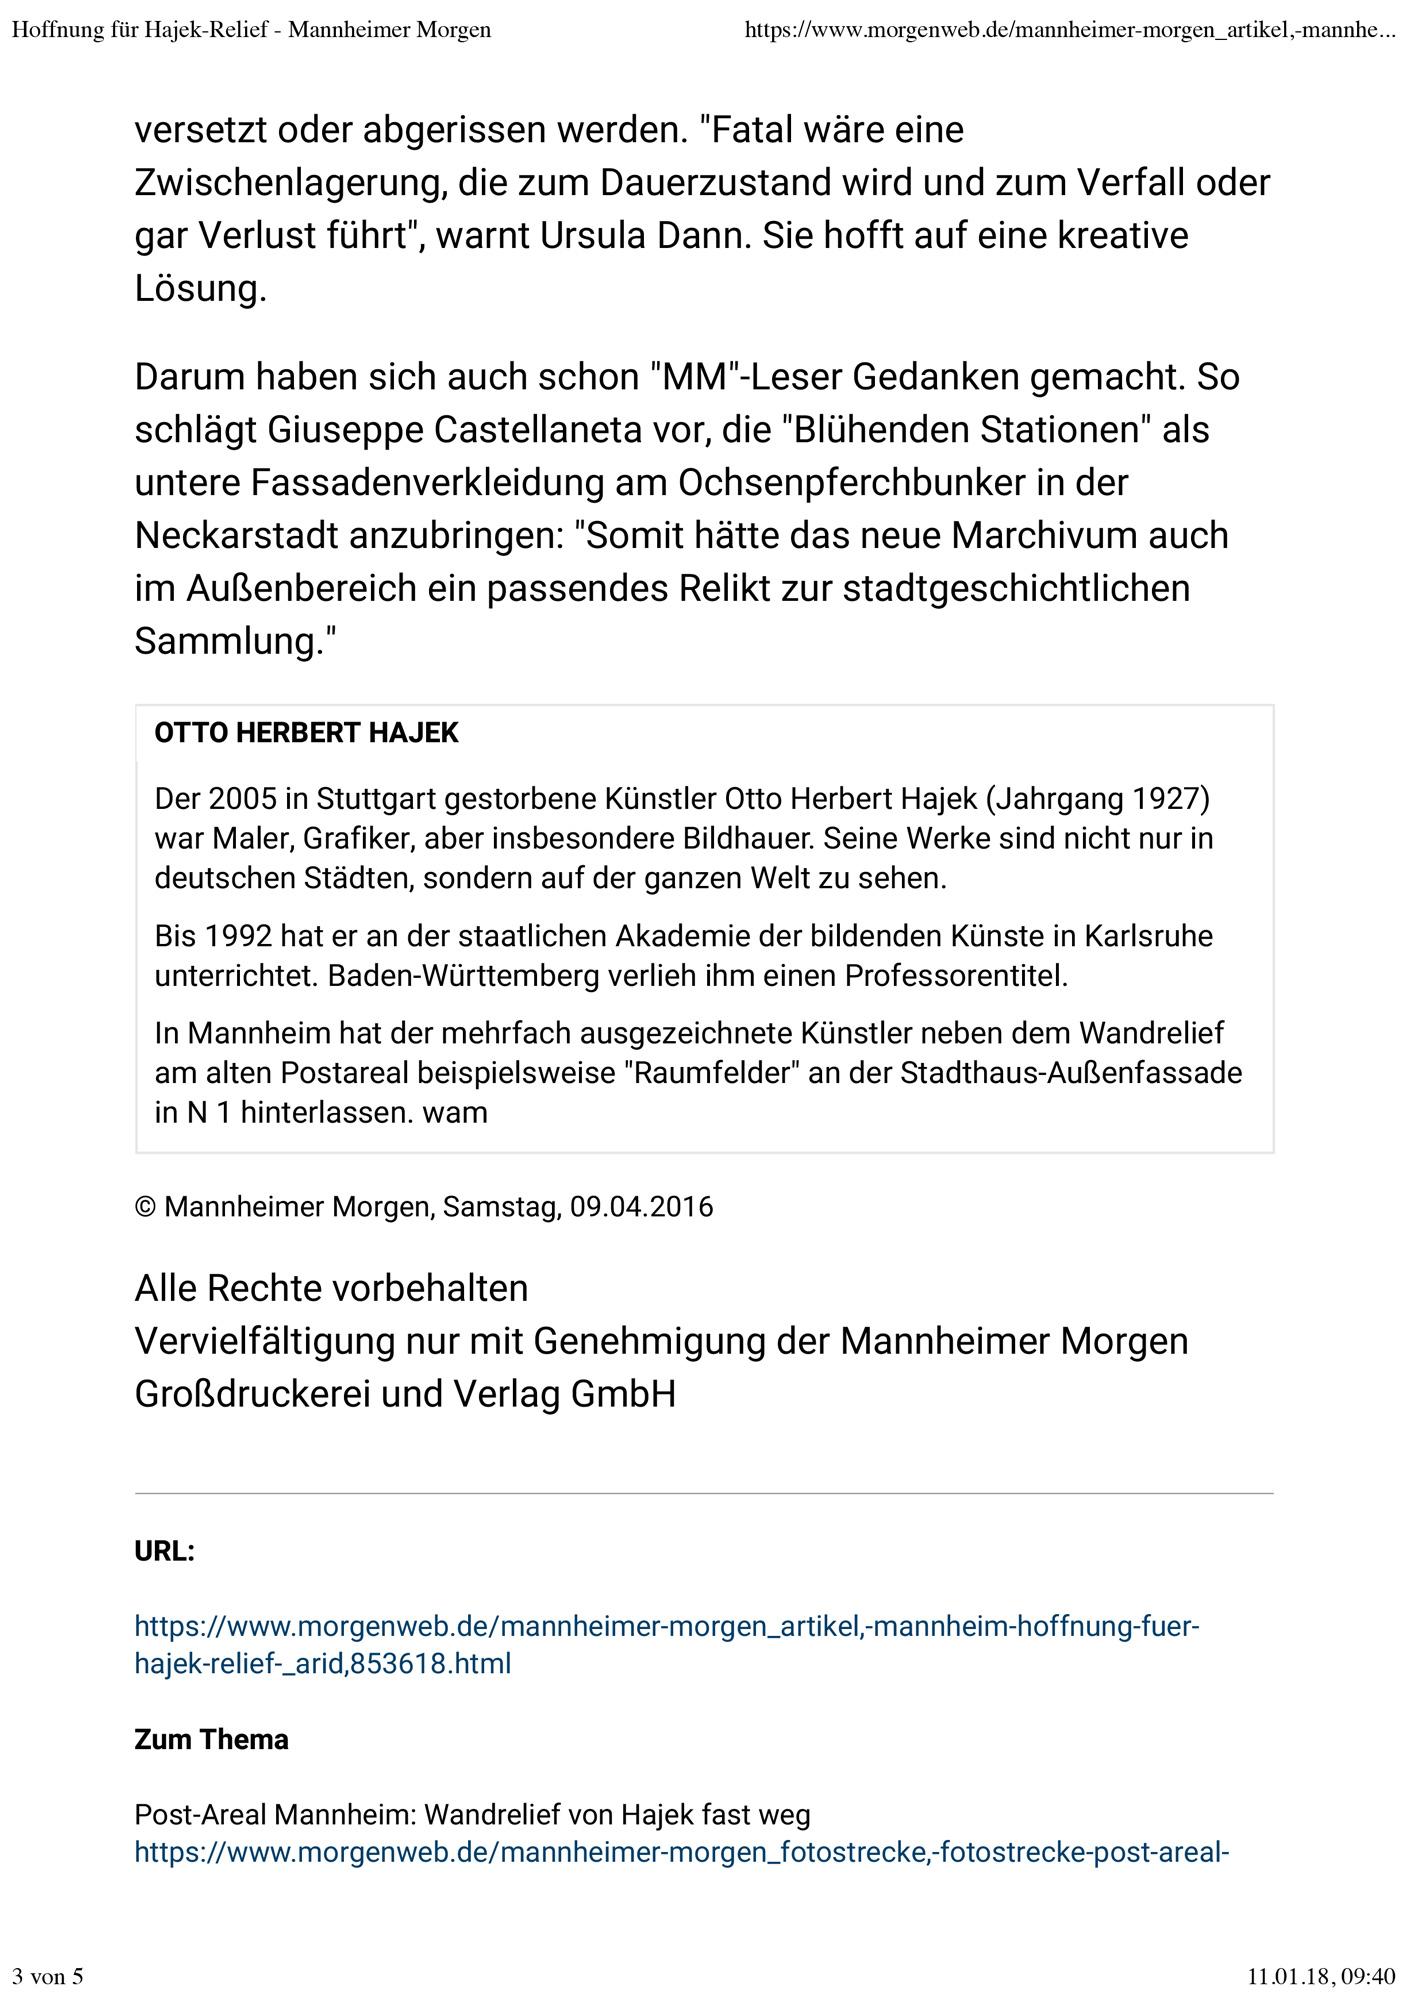 Hoffnung-für-Hajek-Relief---Mannheimer-Morgen-3.jpg